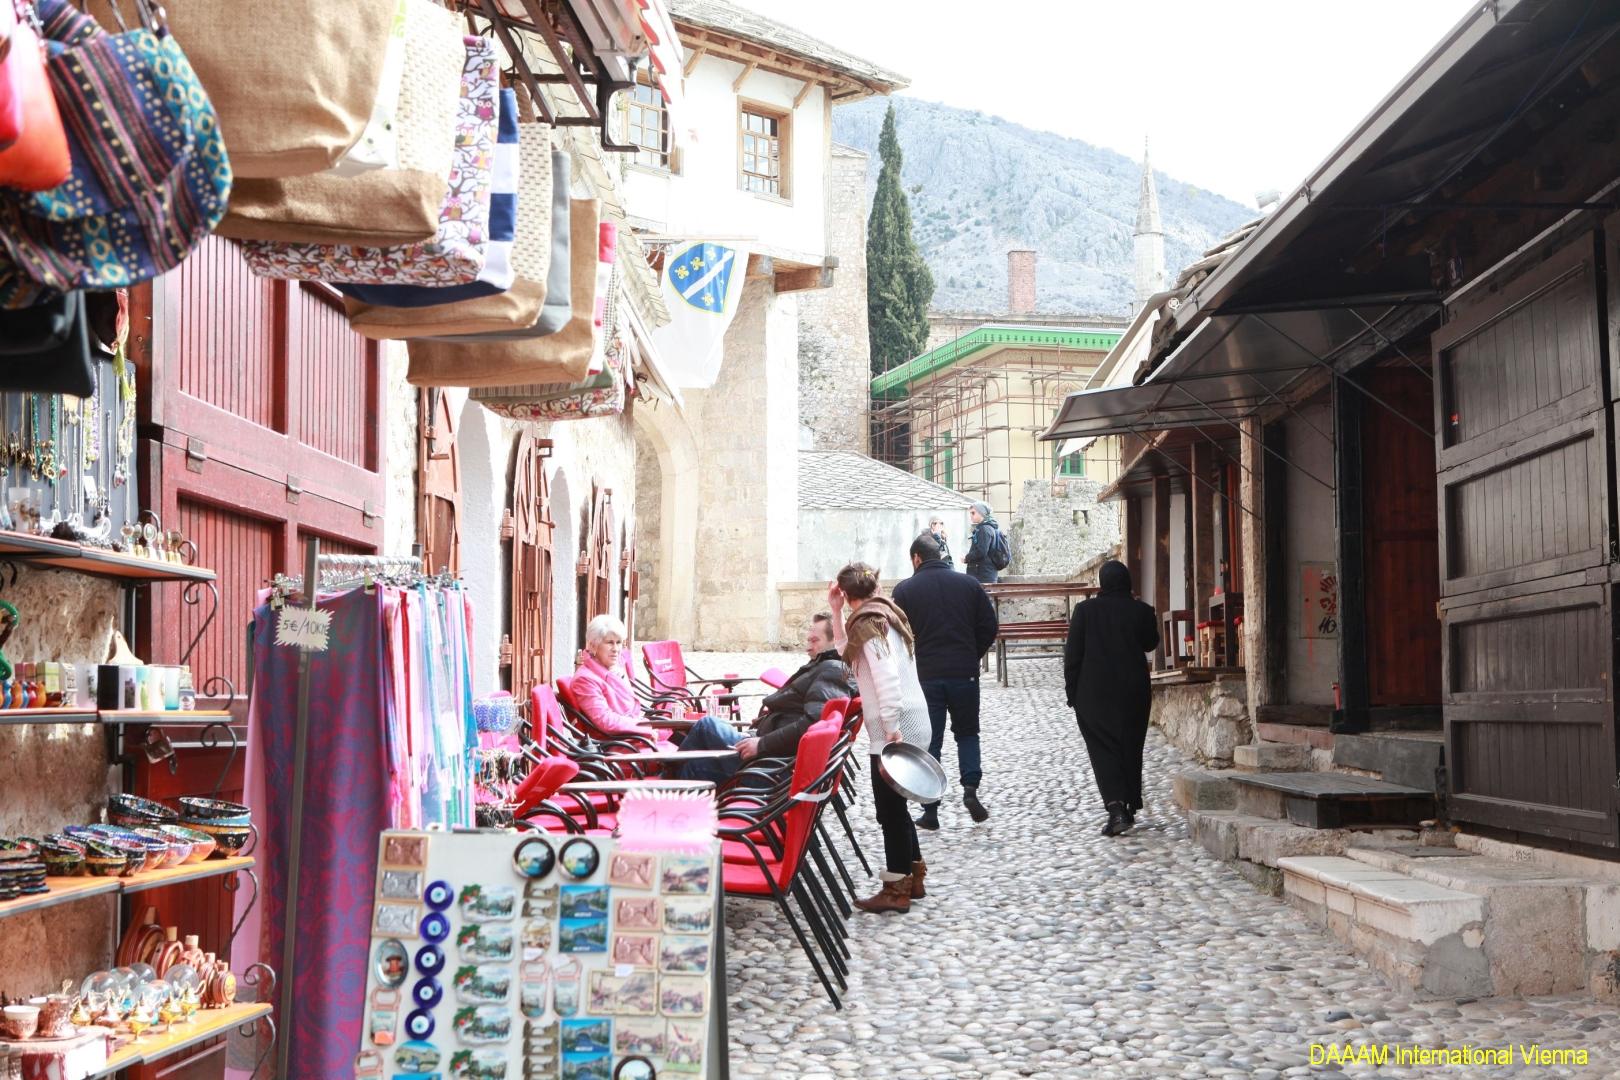 DAAAM_2016_Mostar_01_Magic_City_of_Mostar_049